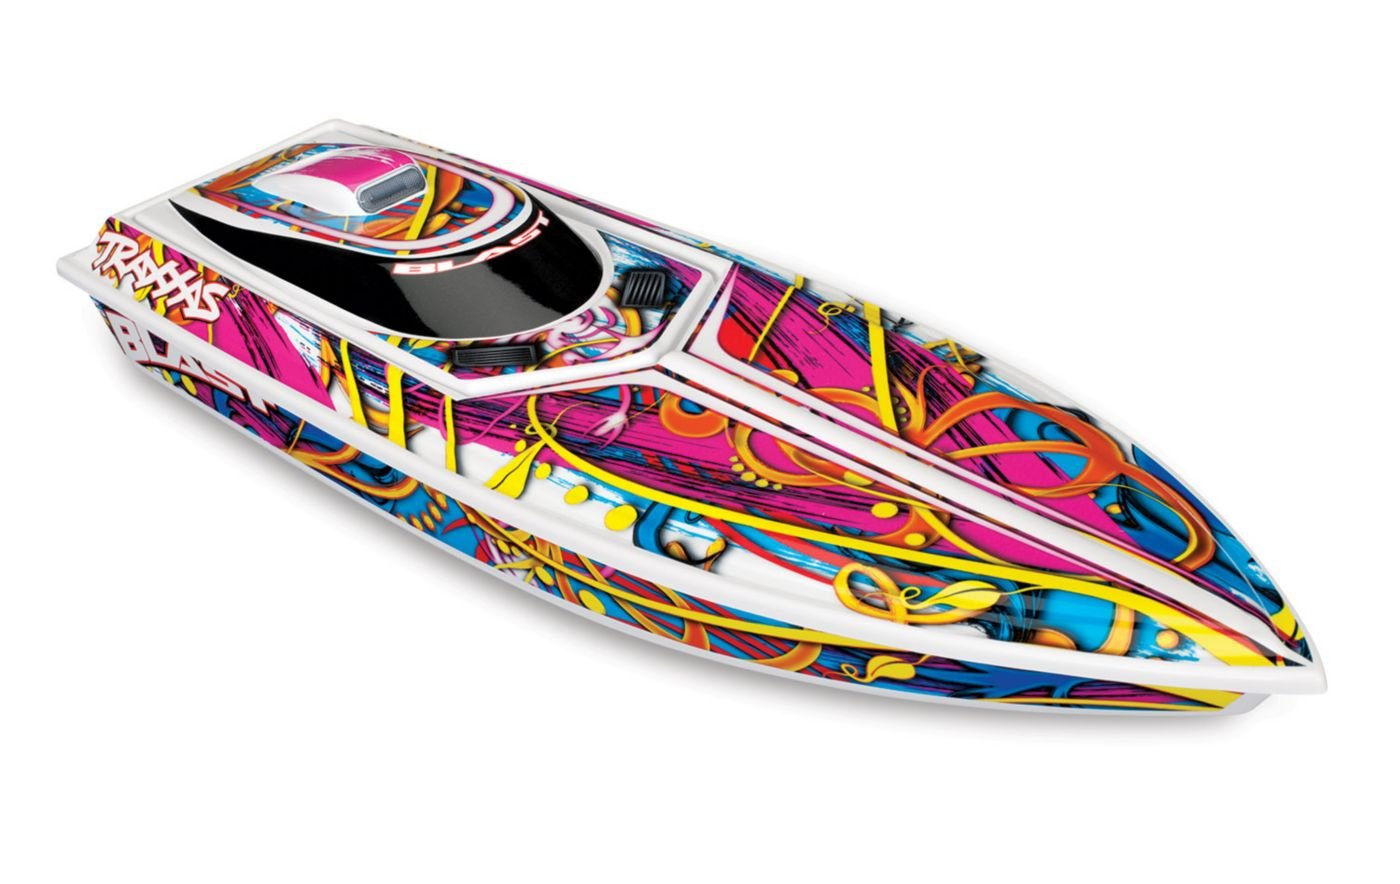 Traxxas 1//10 Scale Blast Boat Remote Control Boat 1//10 38104-1 SWRL Multi-Color